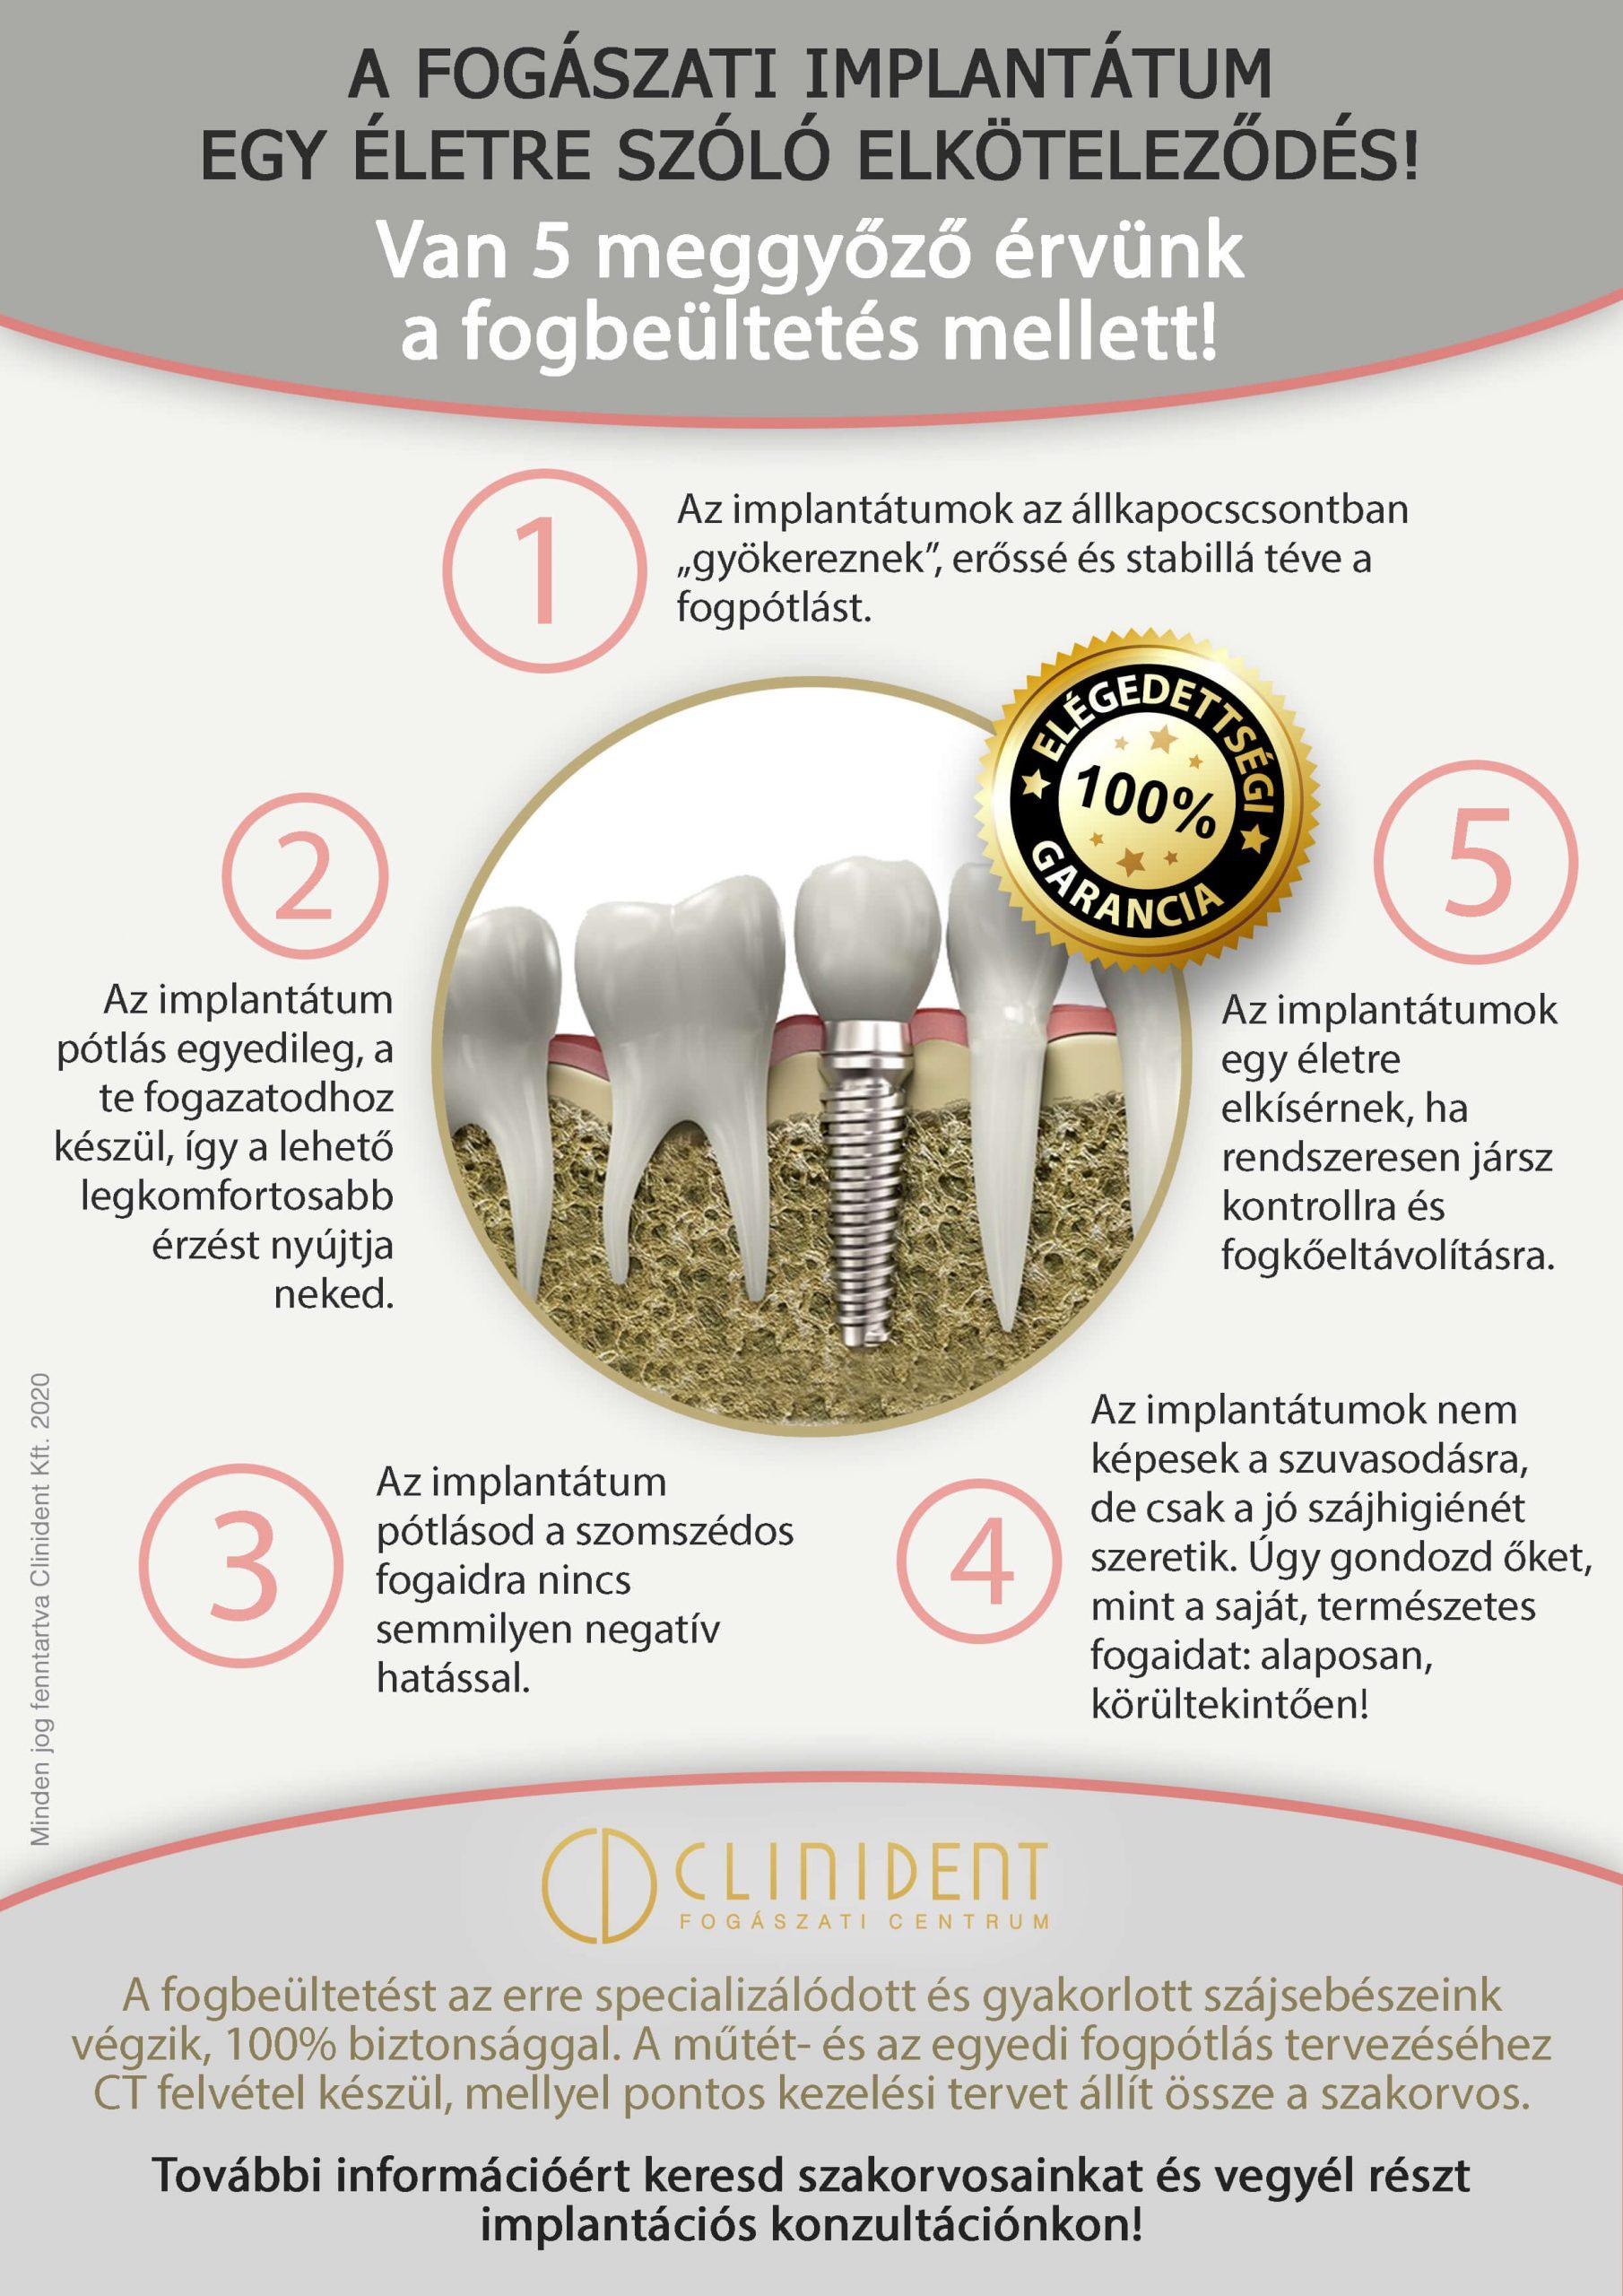 5 érv a fogbeültetés mellett